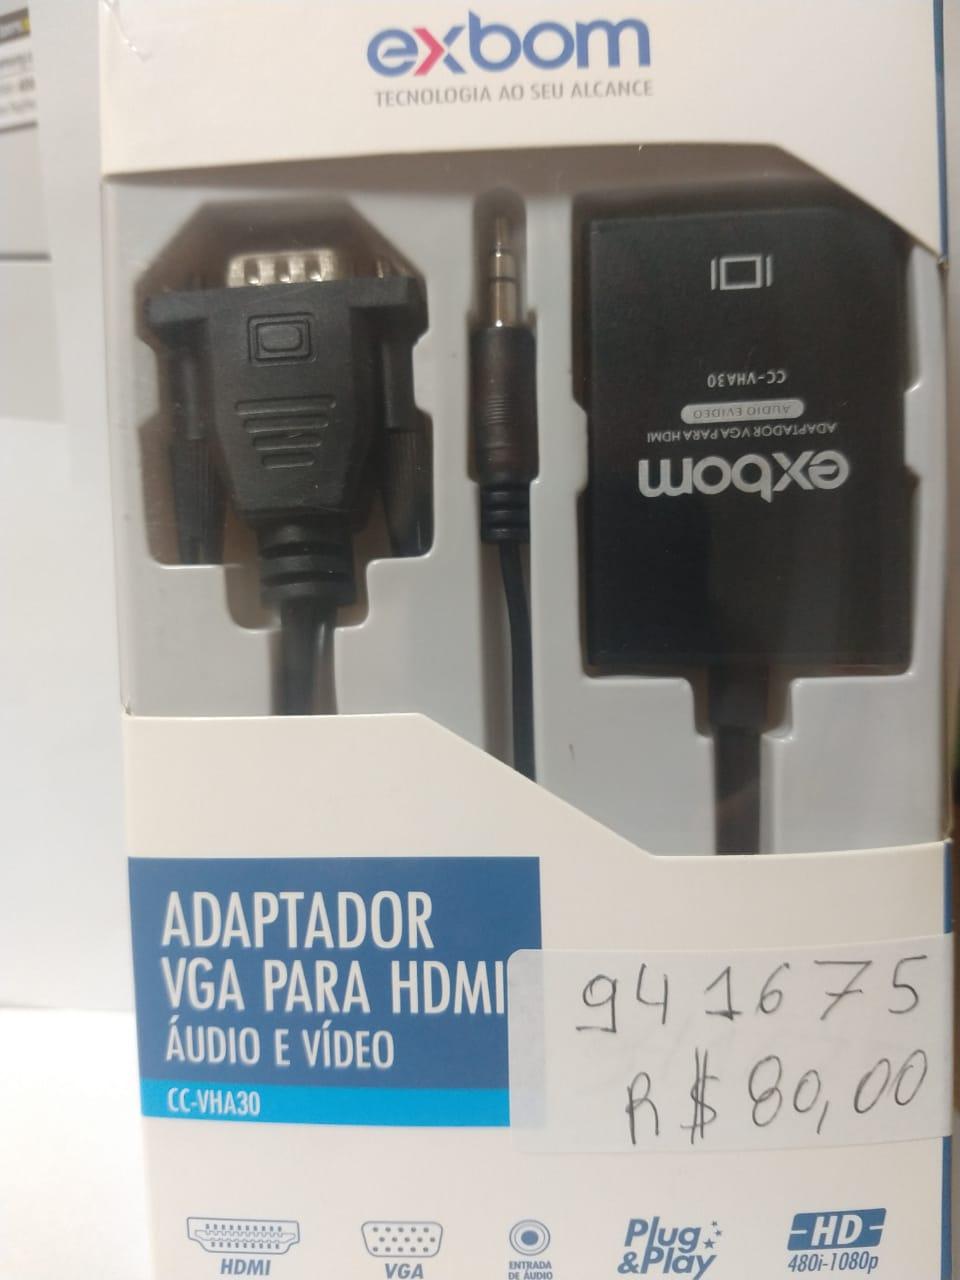 ADAPTADOR EXBOM VGA P/ HDMI CC-VHA30 - In-Pacto Informática